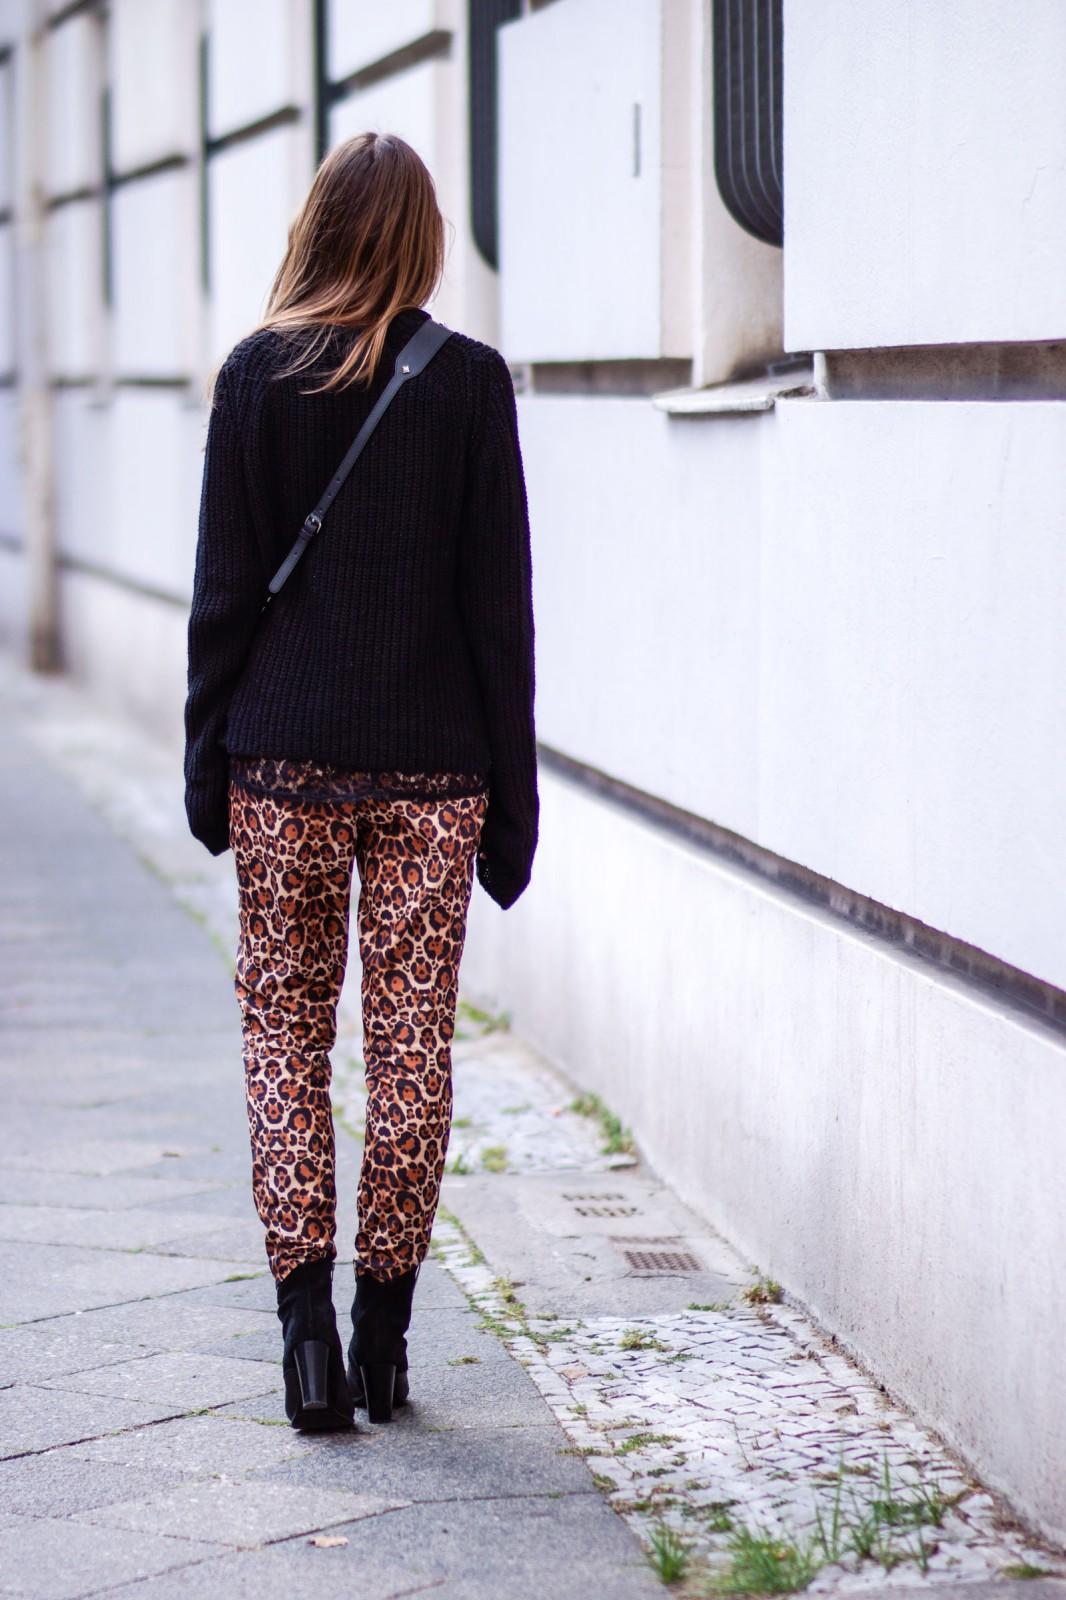 Übergroßer schwarzer Pullover mit langen Ärmeln